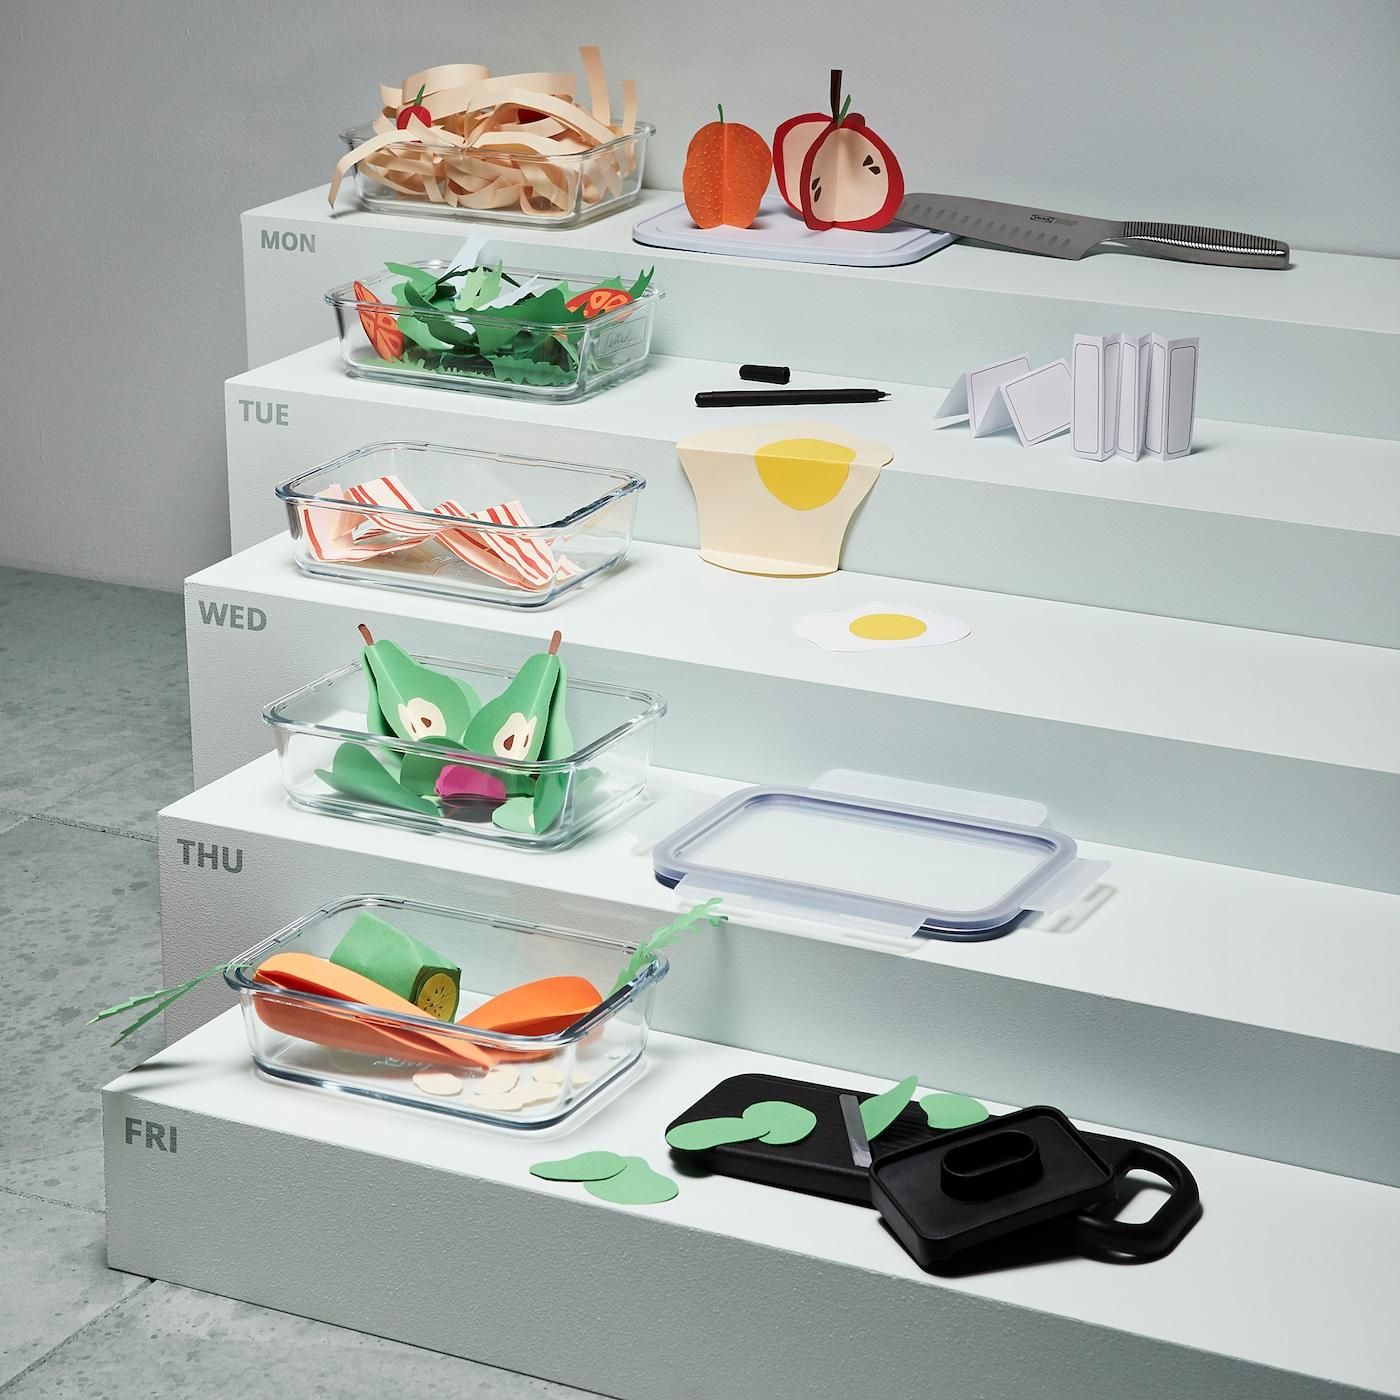 IKEA 365+ Posuda za hranu, pravokutno/staklo, 1.0 l